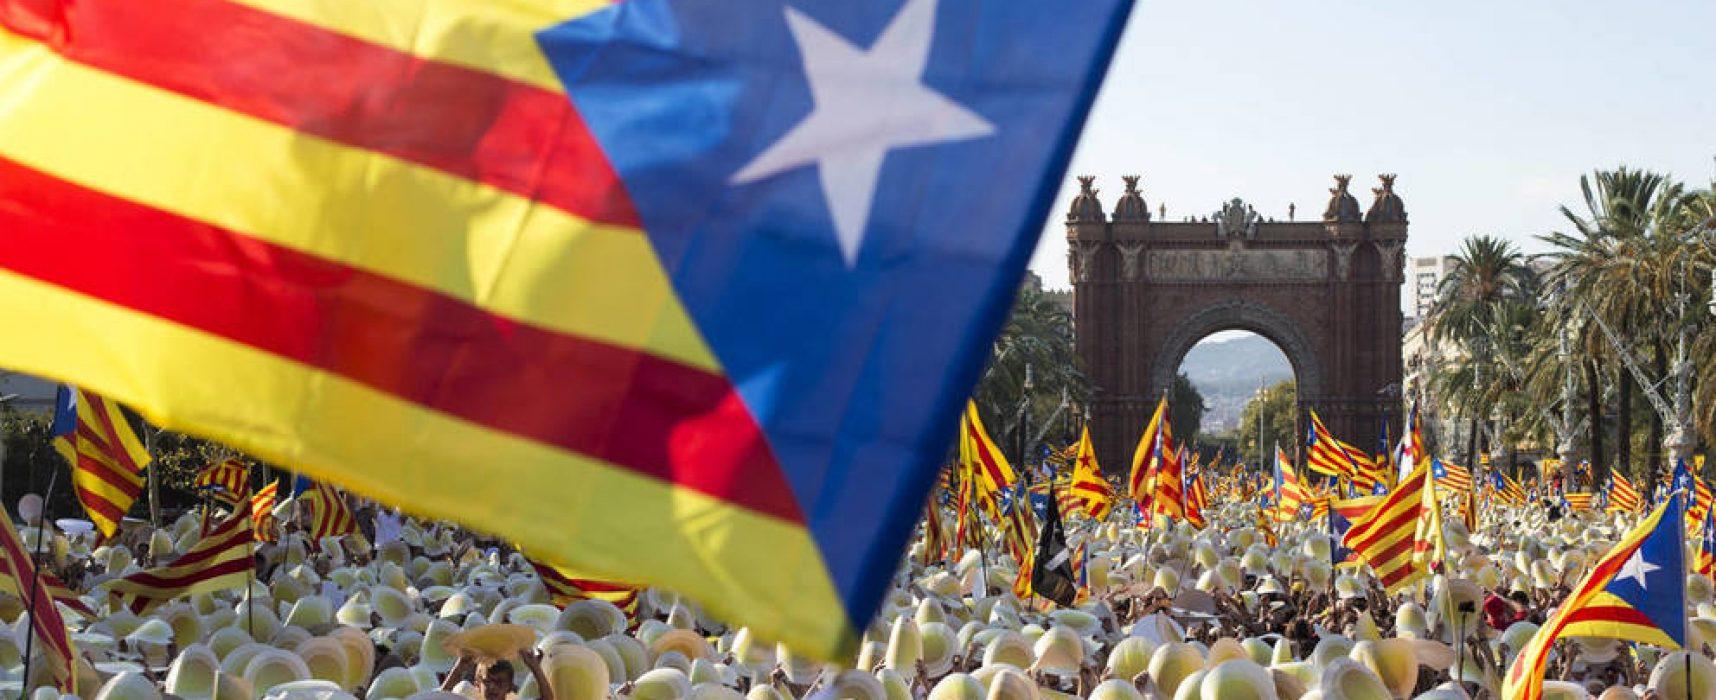 Две стороны одного королевства: референдум в Каталонии